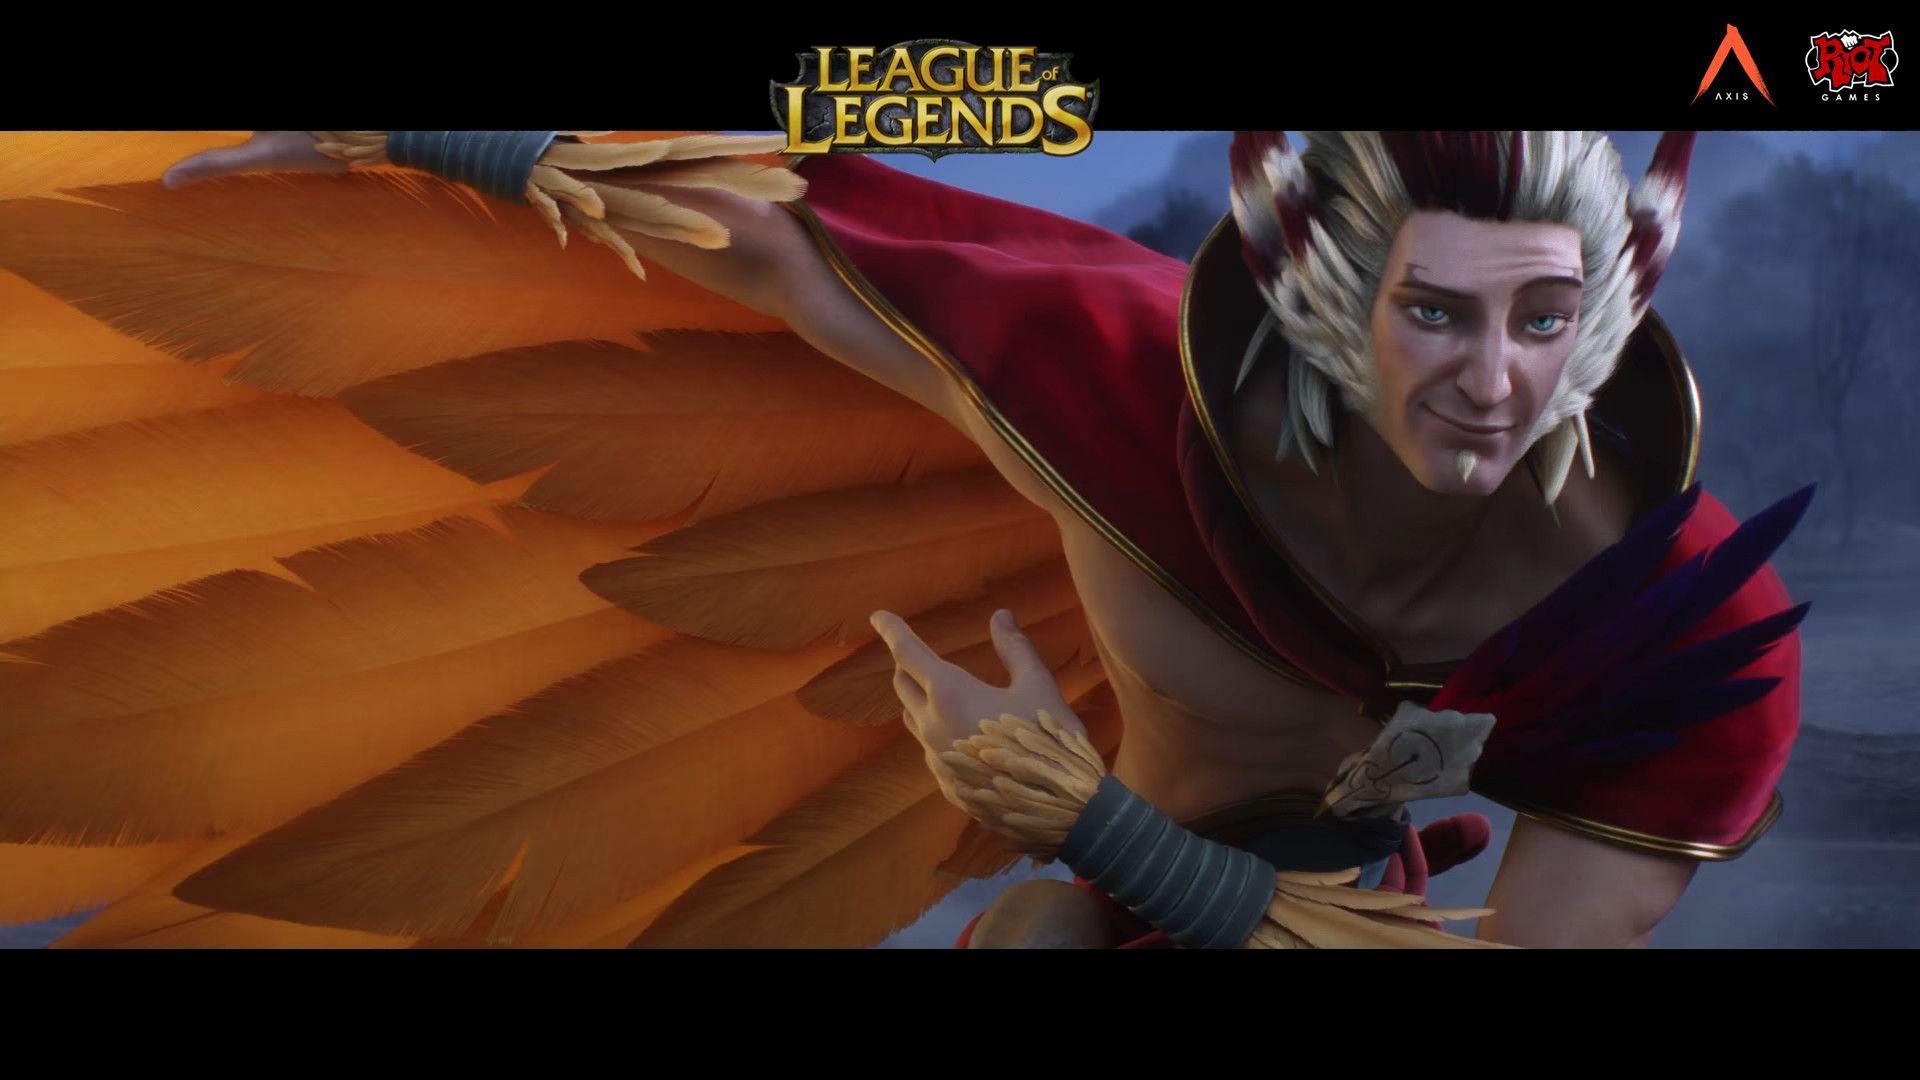 ArtStation - League Of Legends: Wild Magic - Rakan, Carl Forsberg